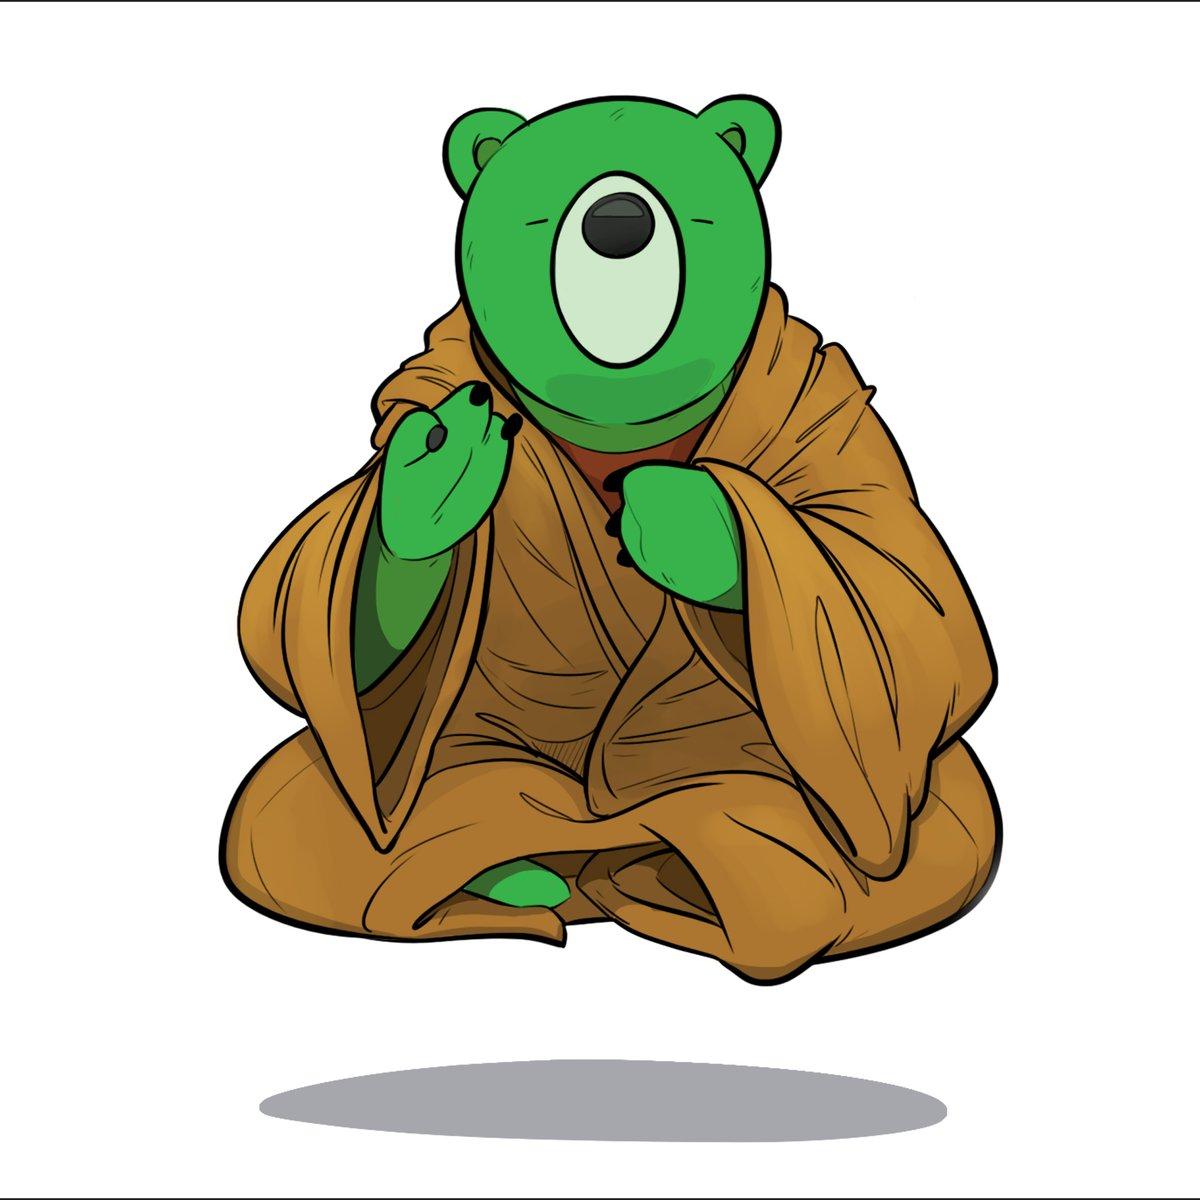 Curs Kaspersky de meditație pentru bunăstarea digitală